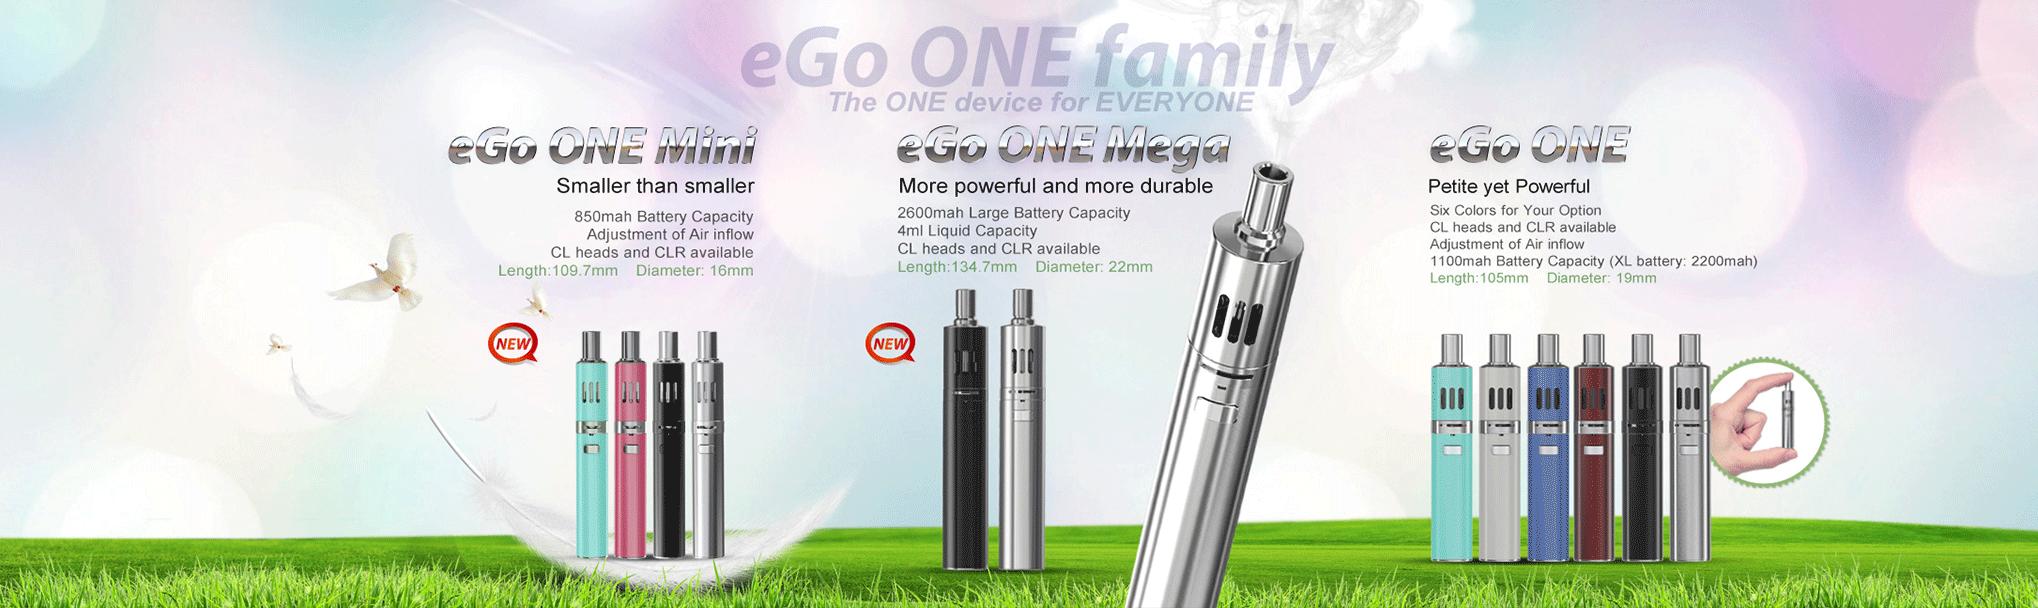 eGo-ONE-Mini